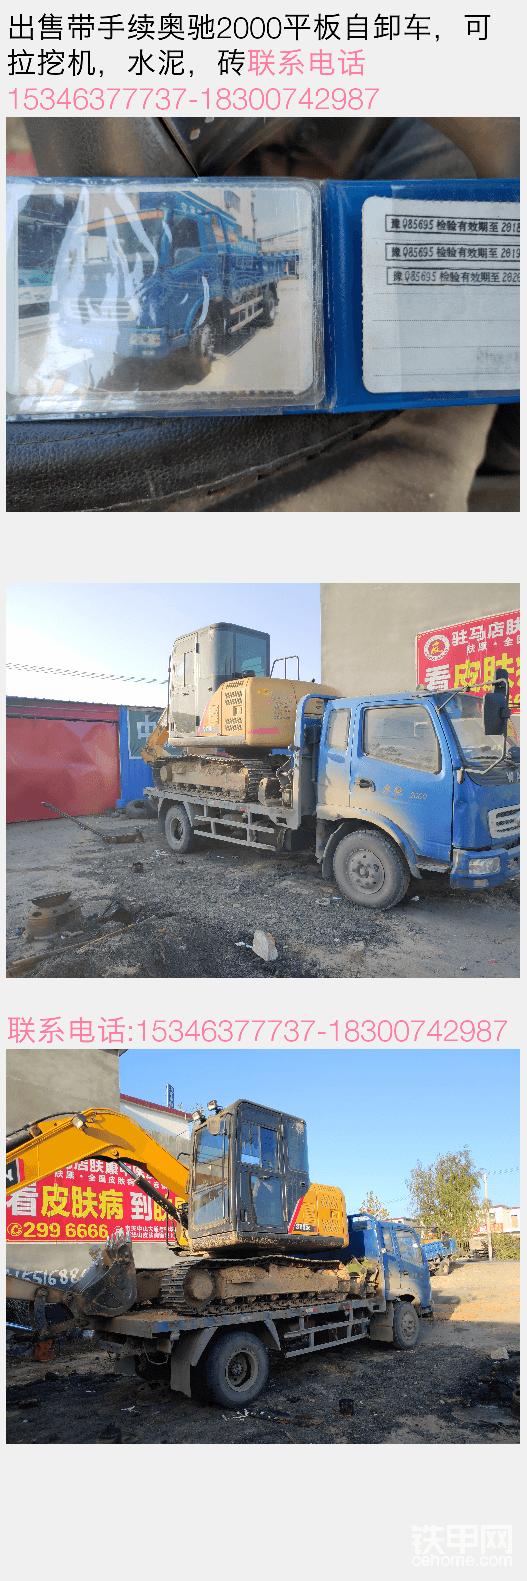 出售挖機平板車-帖子圖片